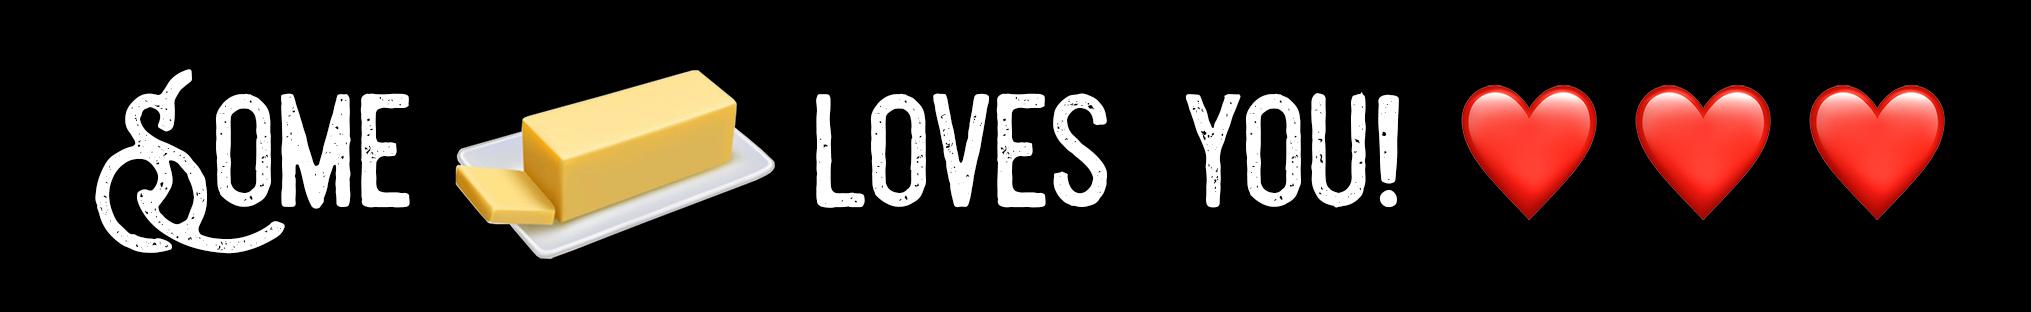 Some (Butter Emoji) Loves You